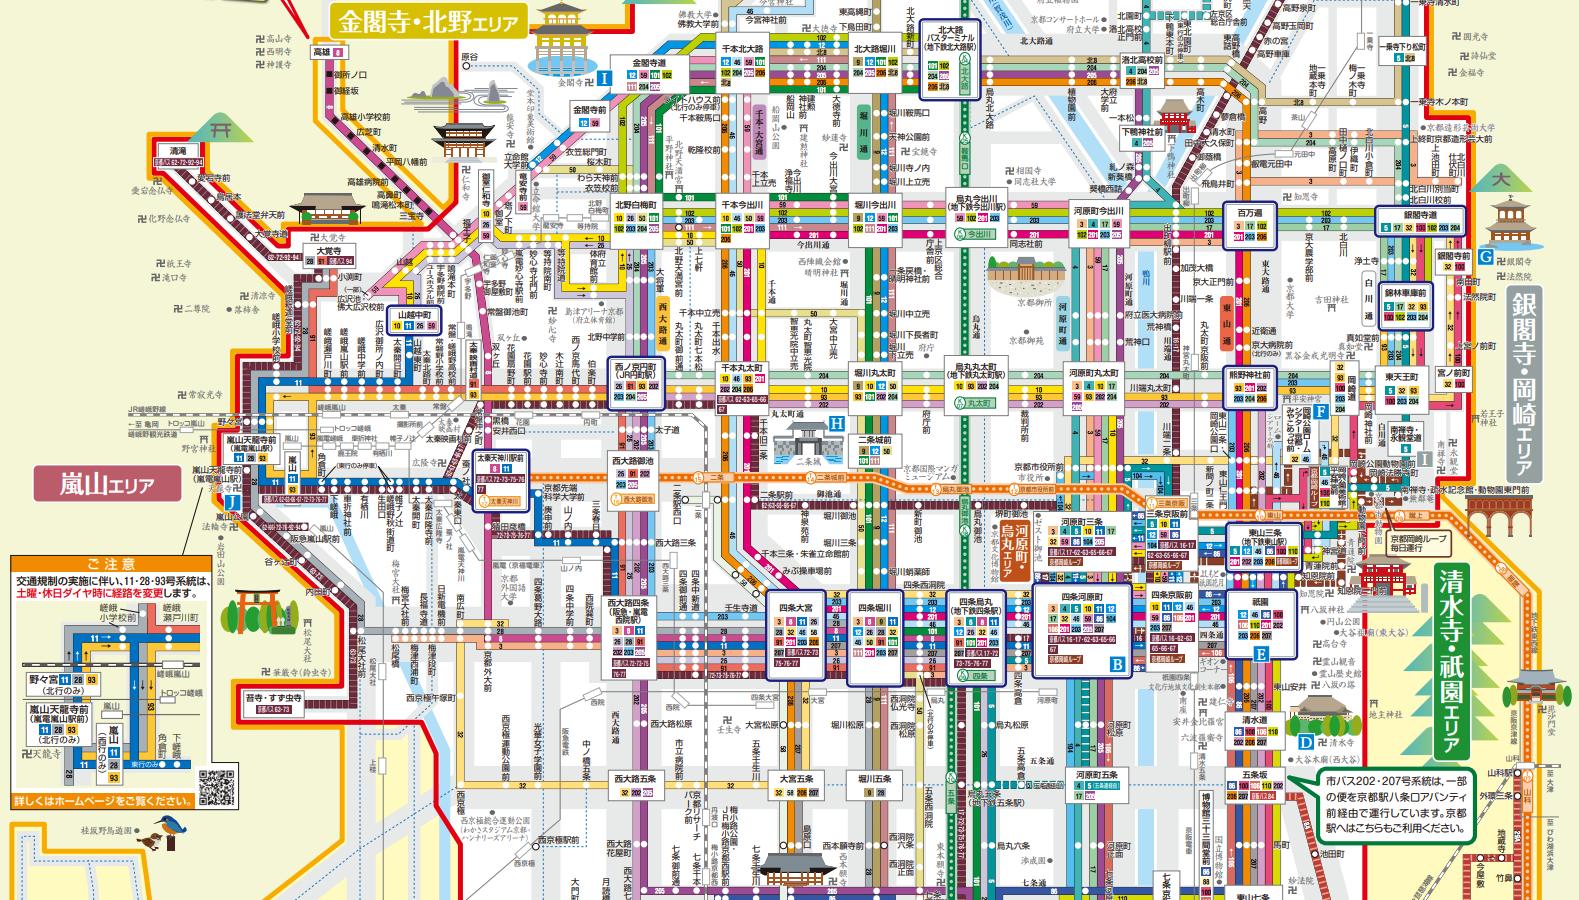 【京都市區交通】京都巴士攻略:京都市巴士一日券票券使用介紹、巴士種類、路線圖